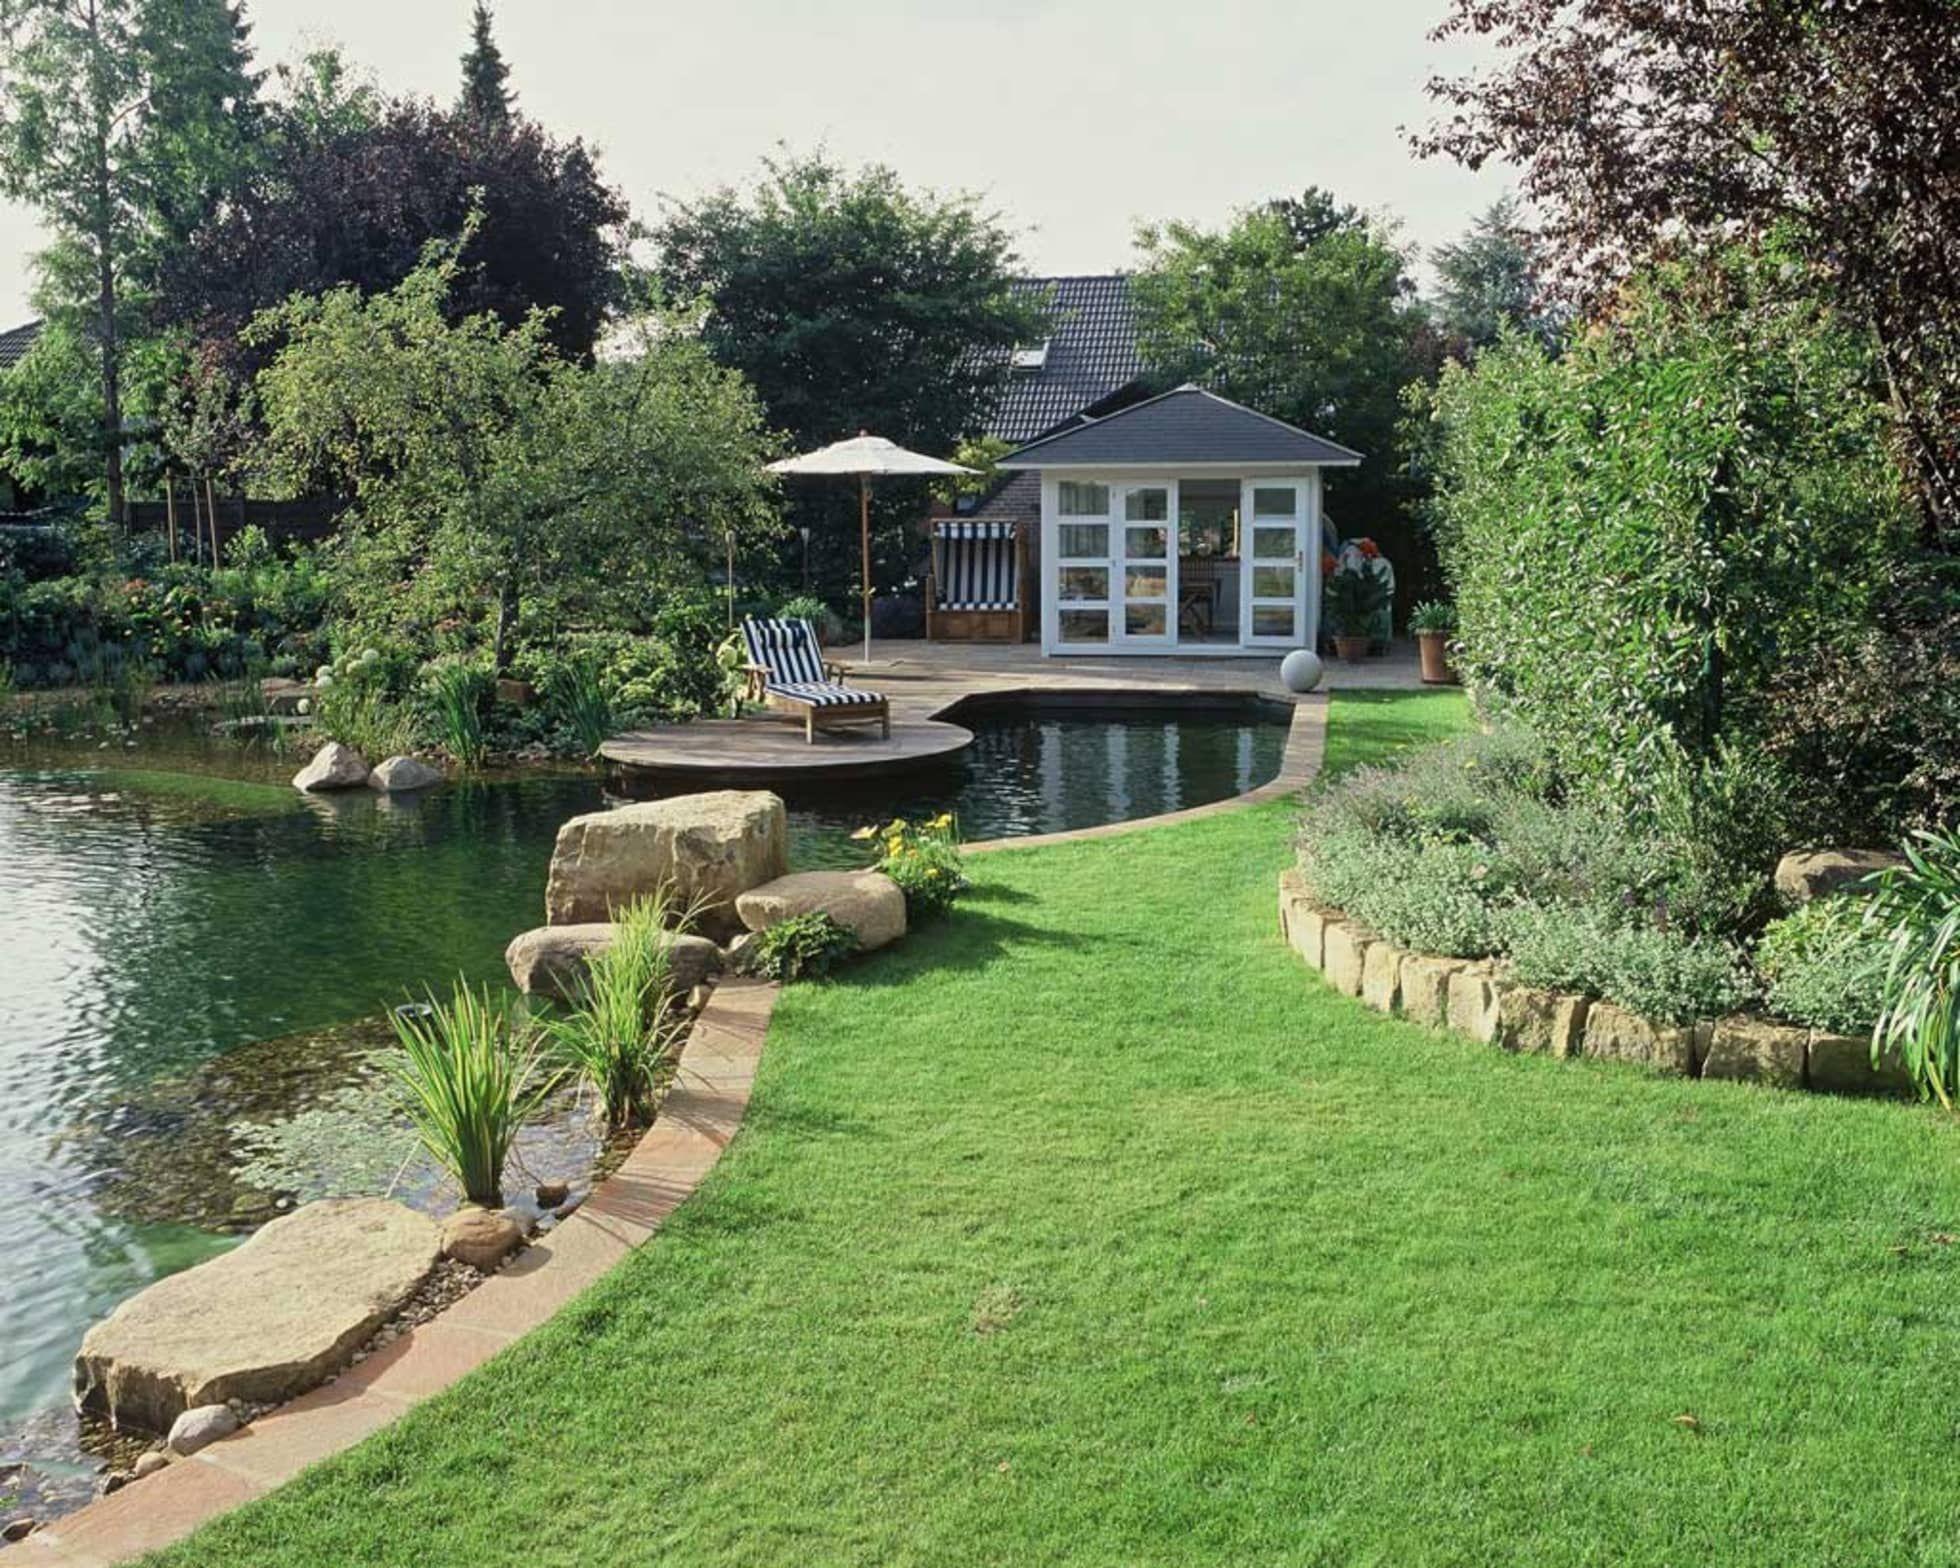 Schwimmteich In Neustadt Moderner Garten Von Kirchner Garten Teich Gmbh Modern Homify Schwimmteich Naturschwimmbecken Garten